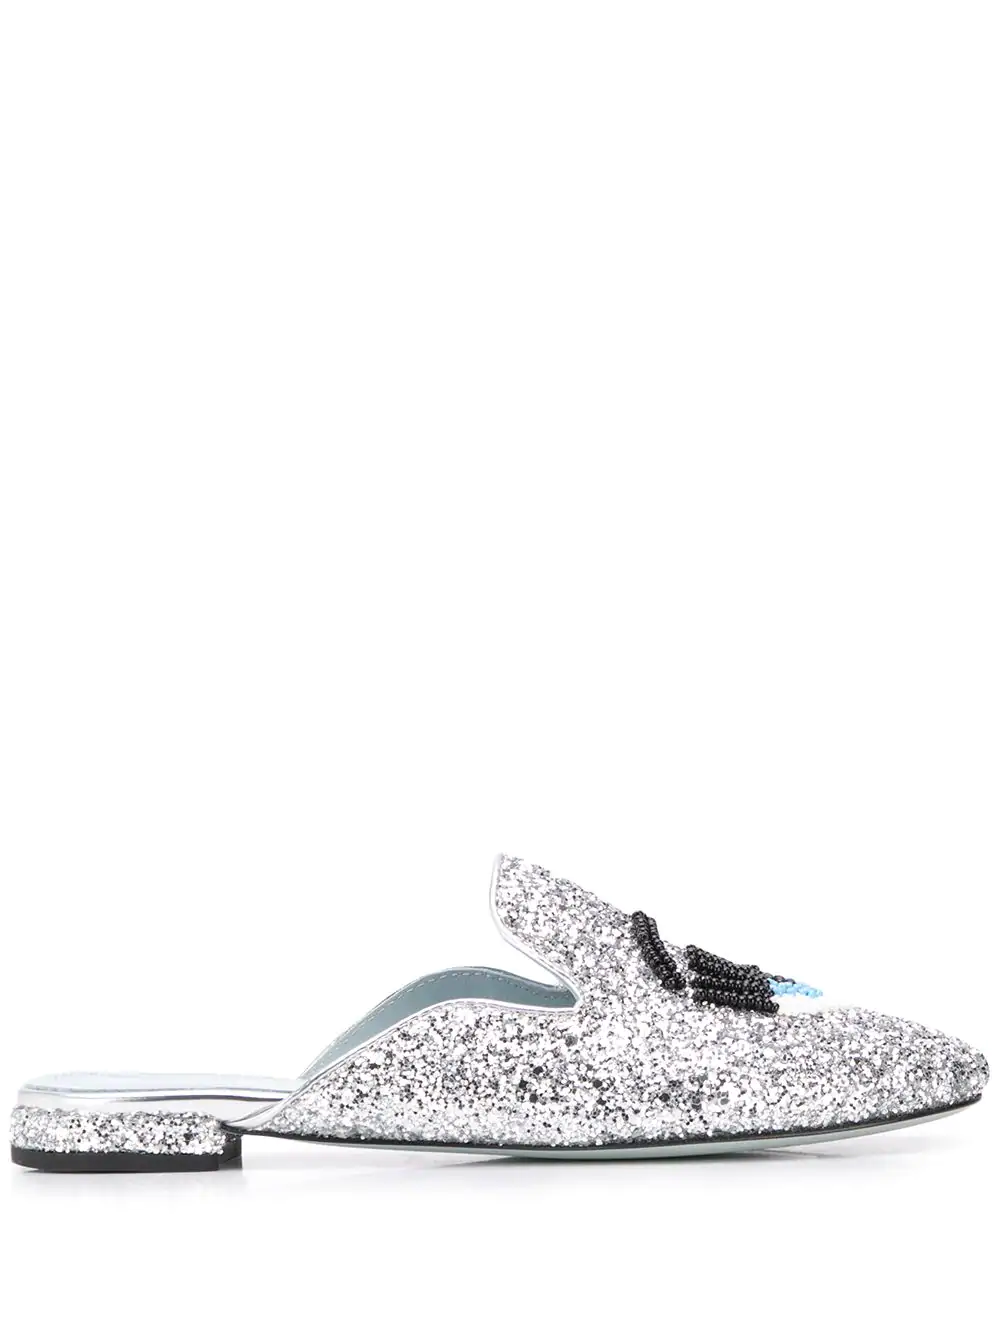 38887243aae2 Chiara Ferragni Glitter Wink Loafers - Silver. Farfetch